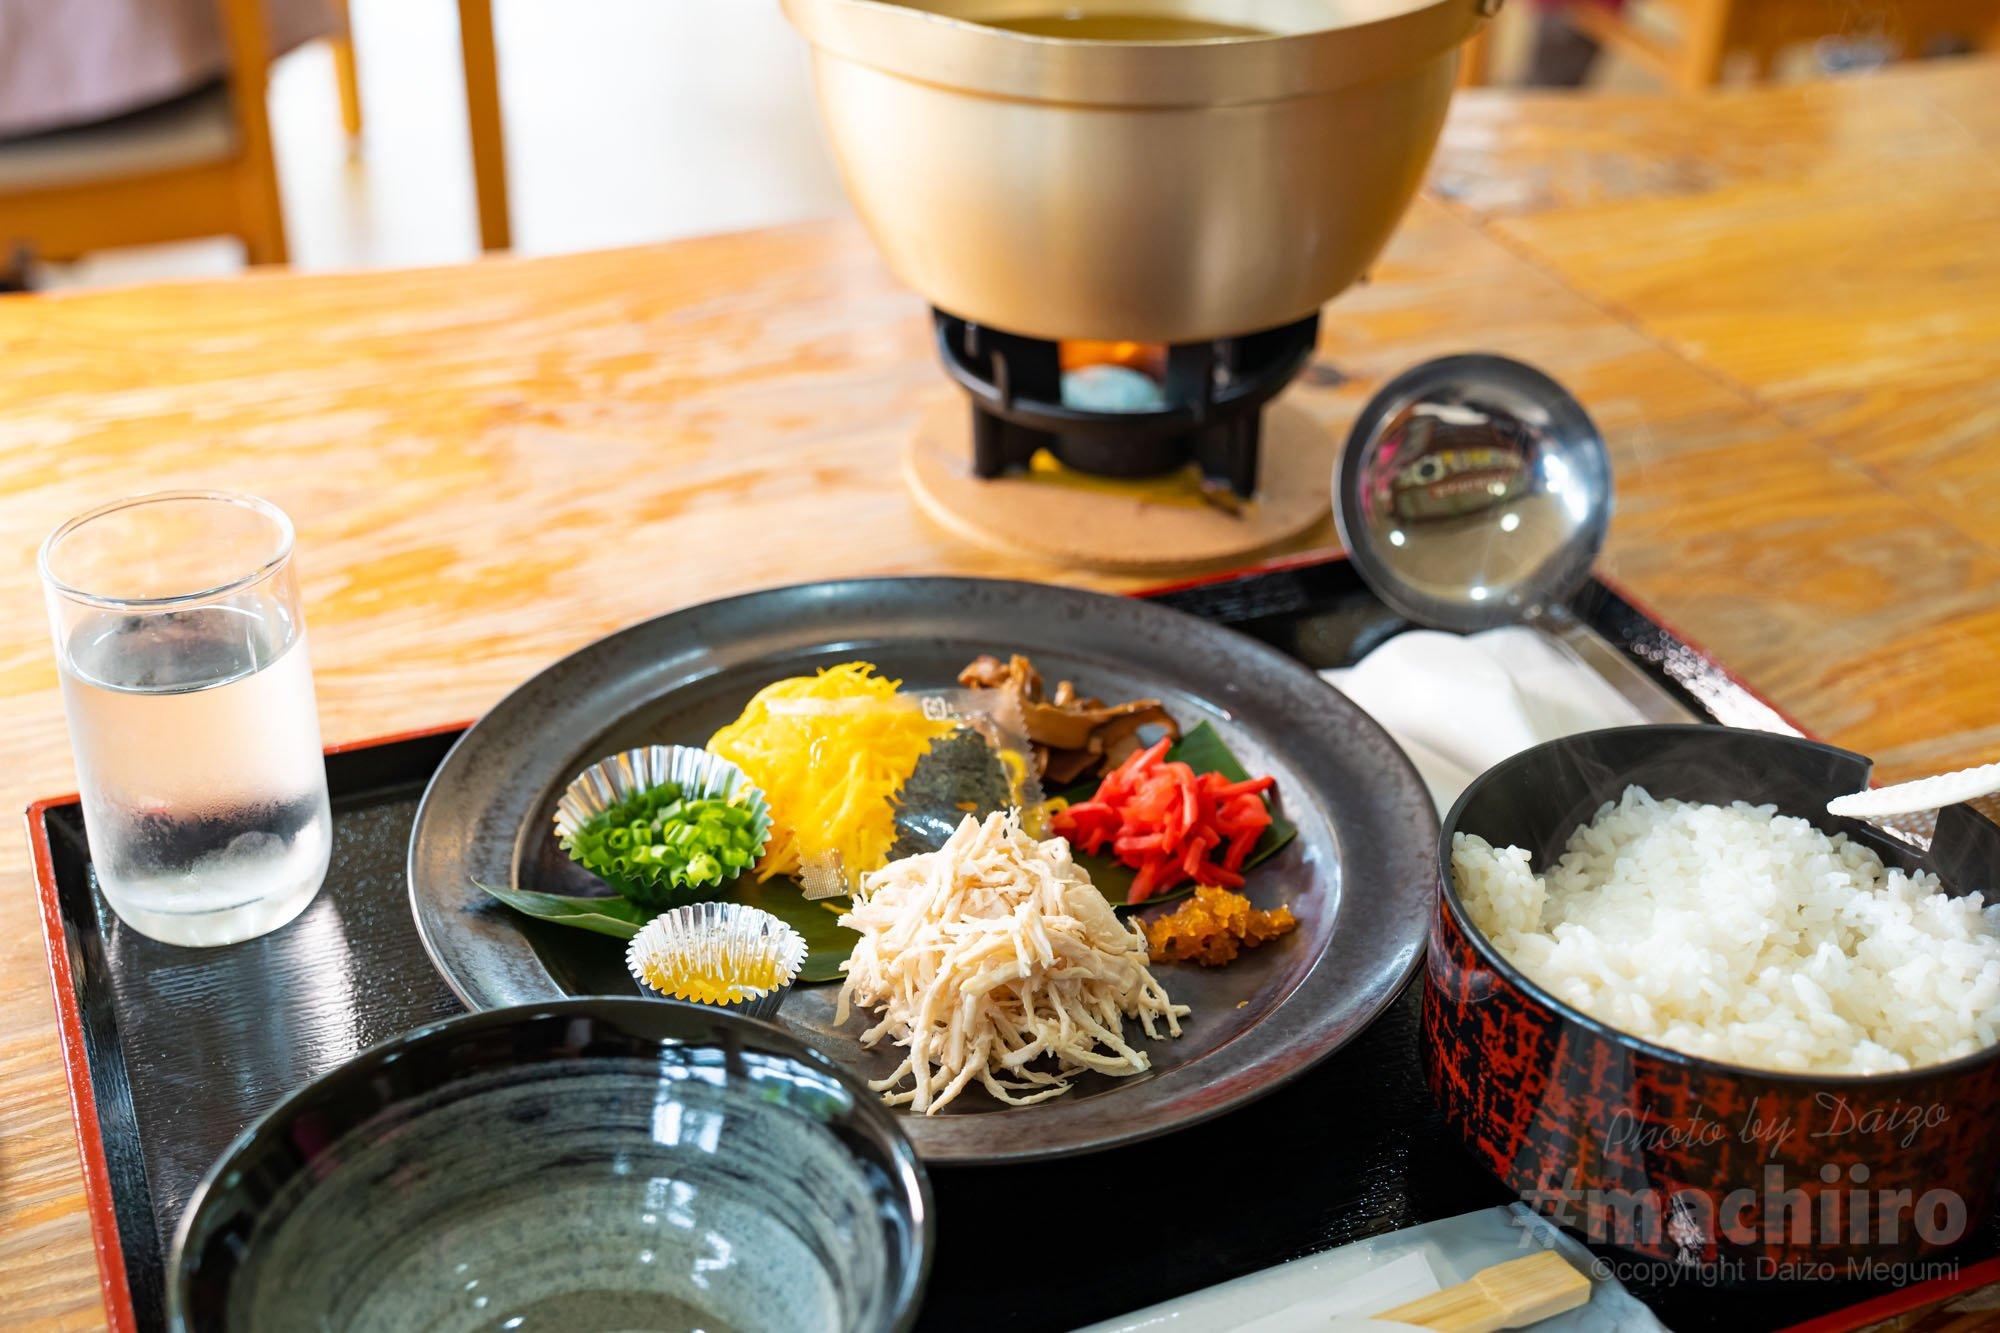 マングローブレストラン 奄美名店ドットコム 写真 2